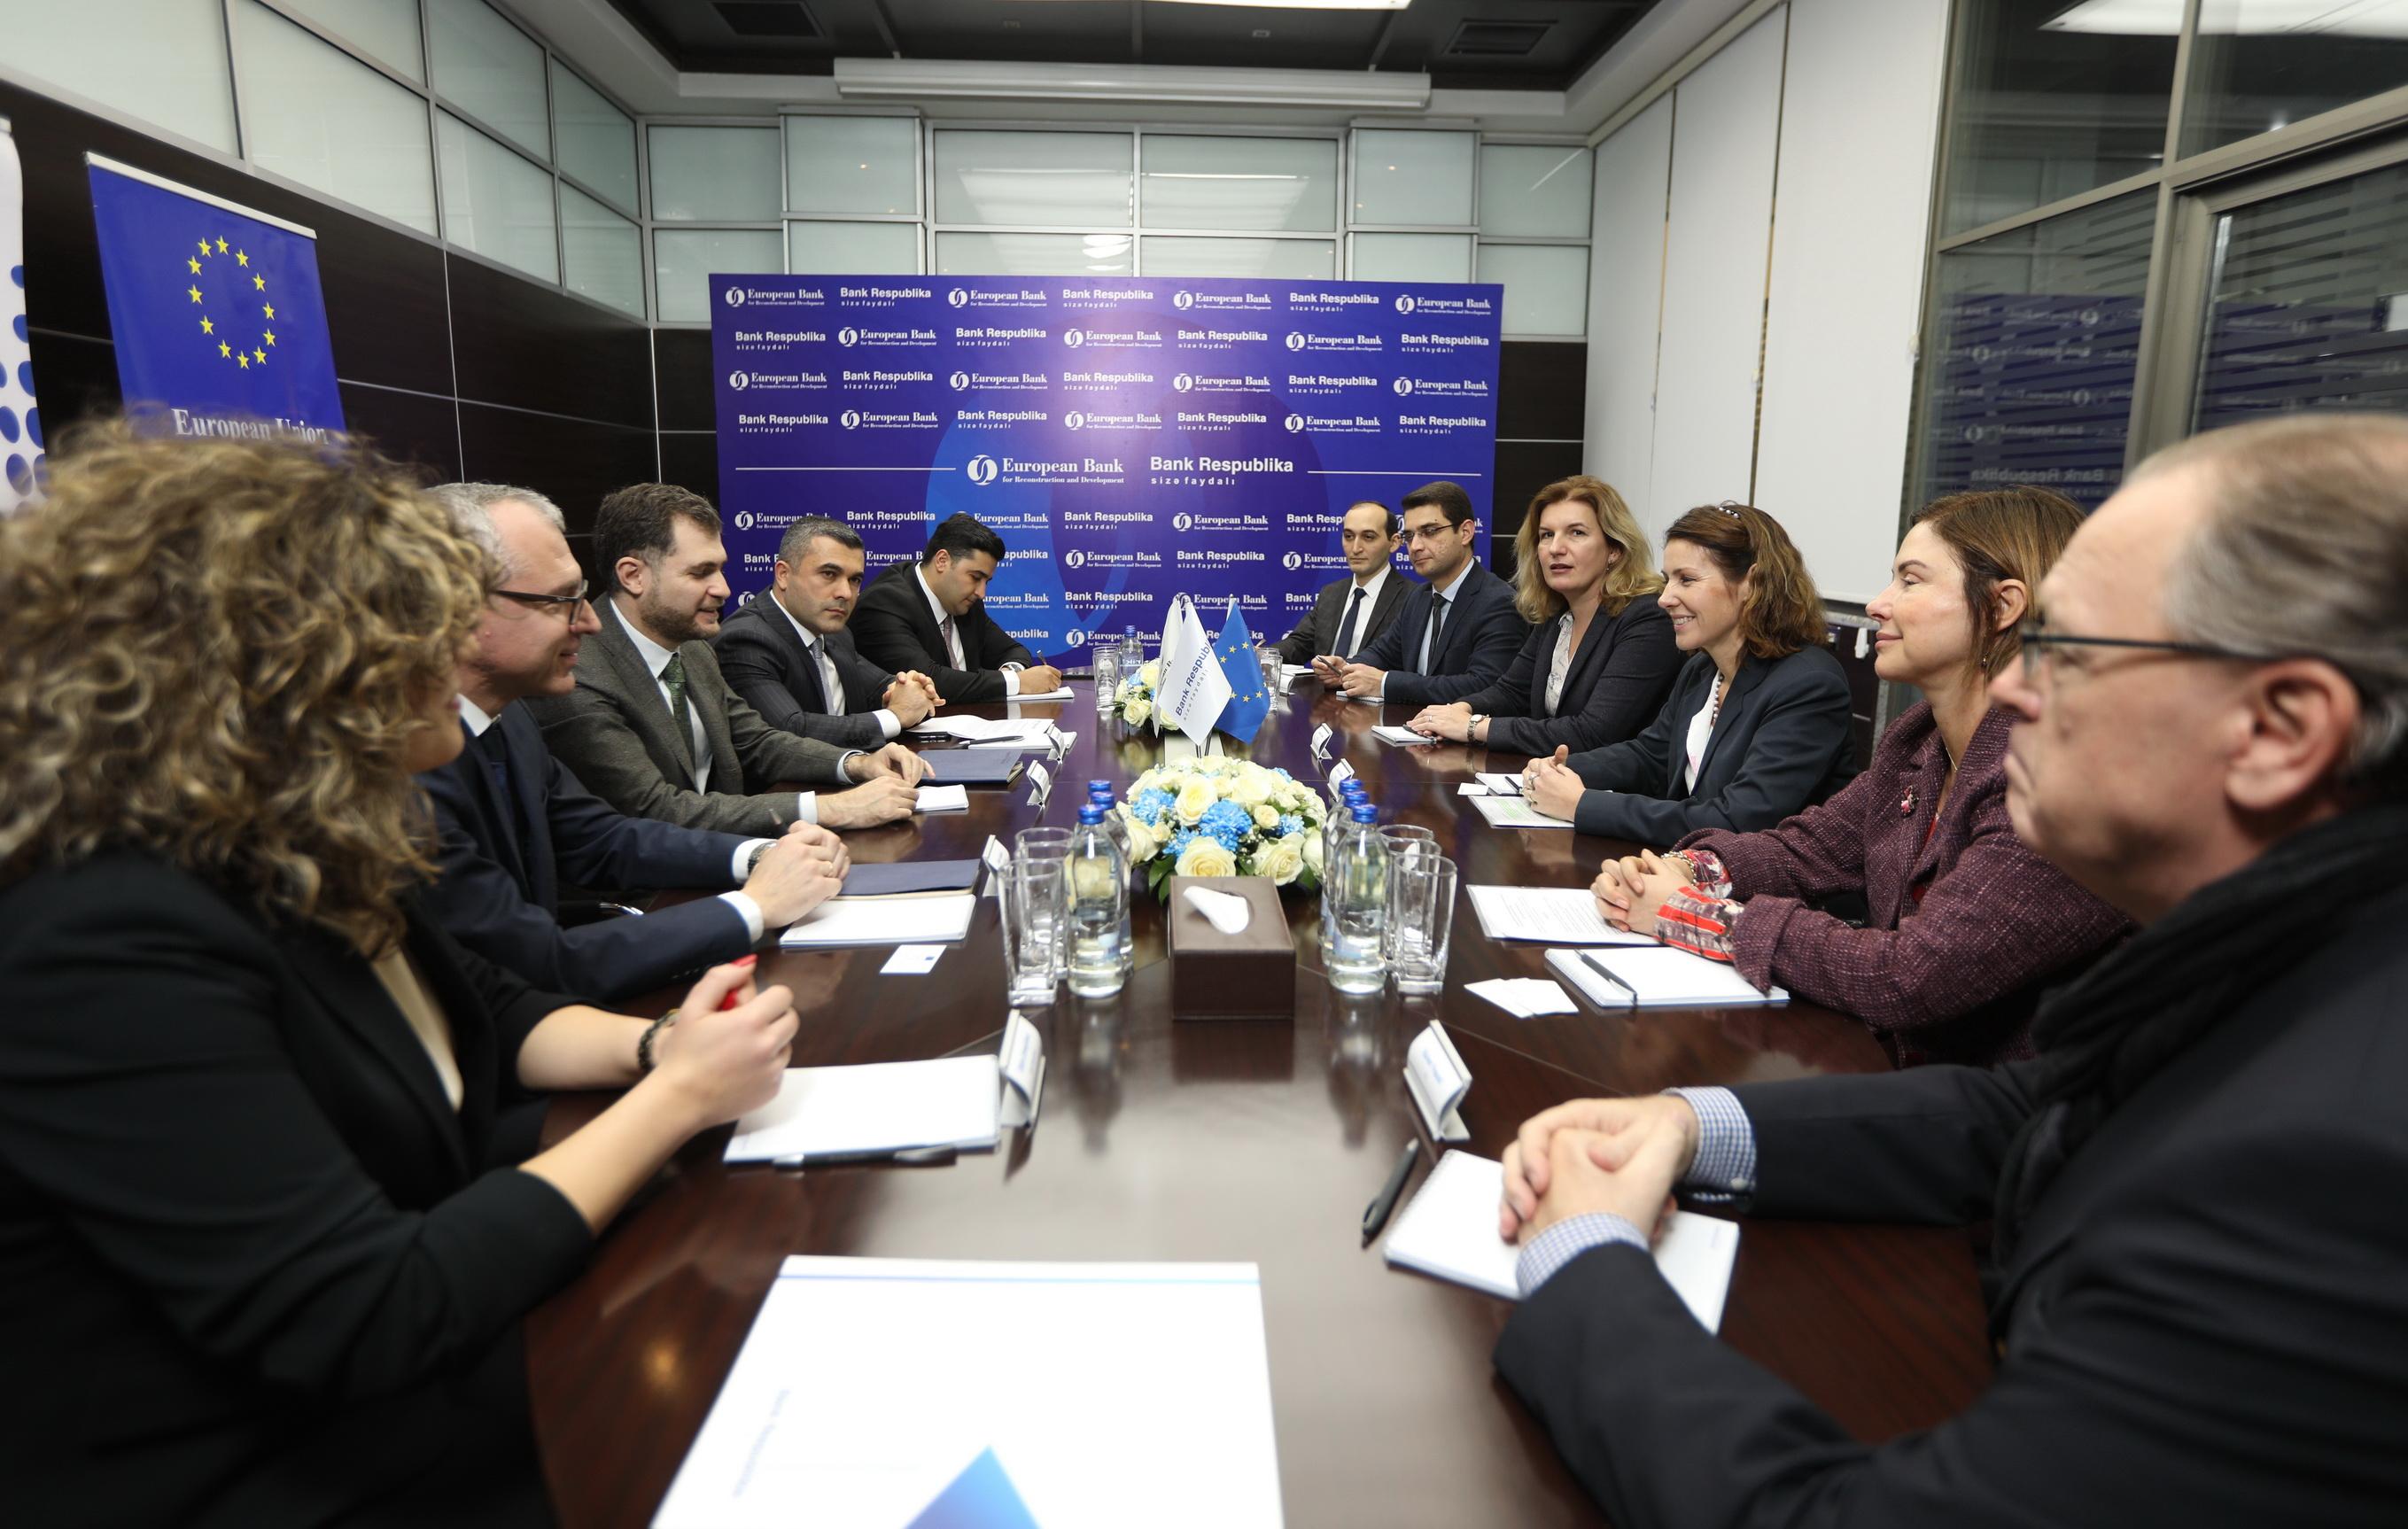 AYİB Azərbaycan bazarına Bank Respublika ilə qayıtdı!